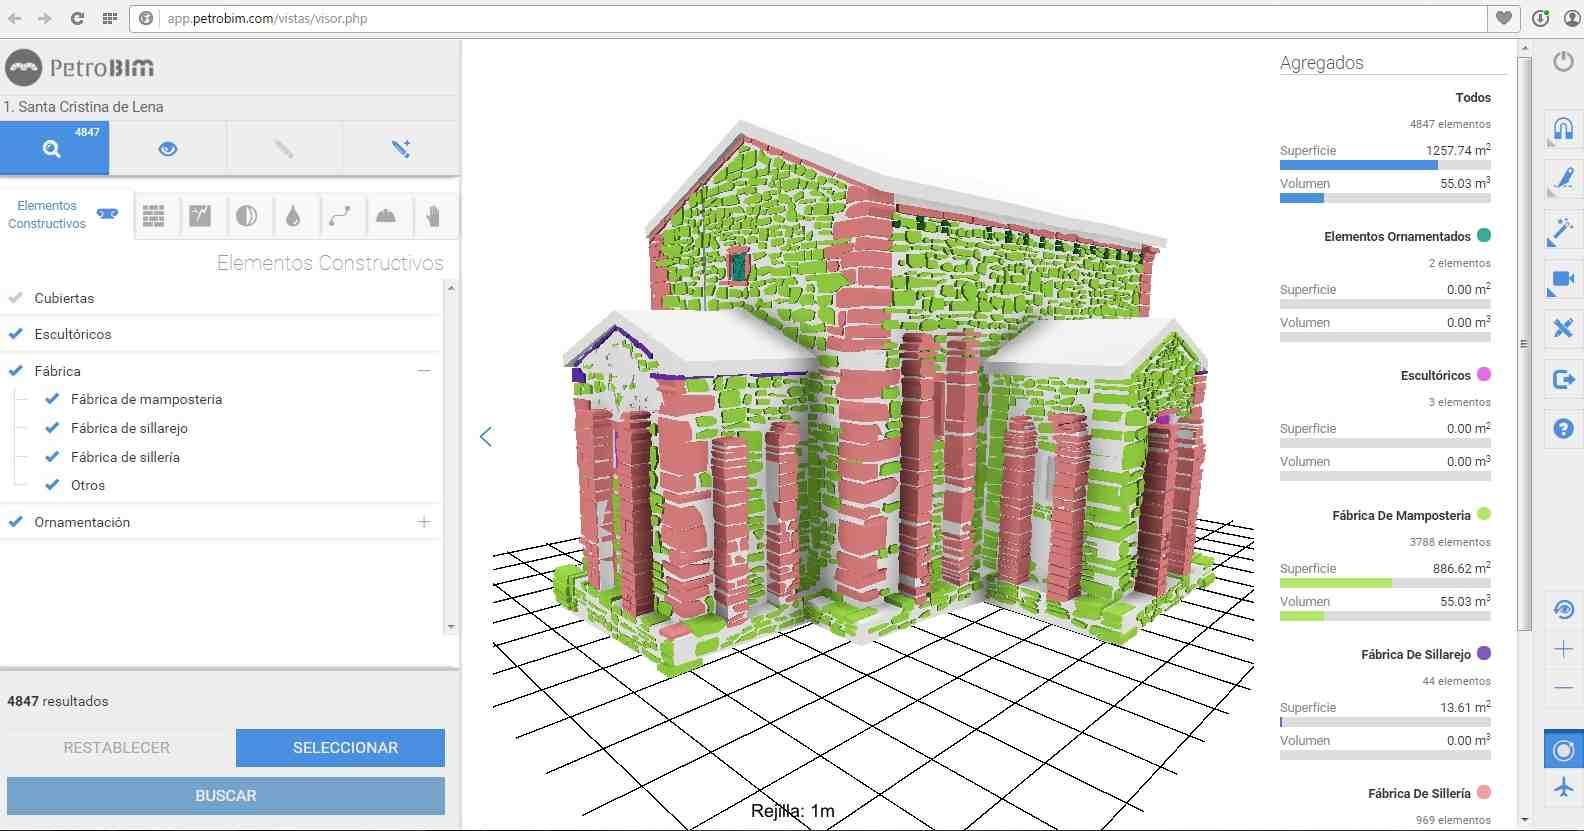 PetroBIM analyzes a virtual model of the church of Santa Cristina de Lena